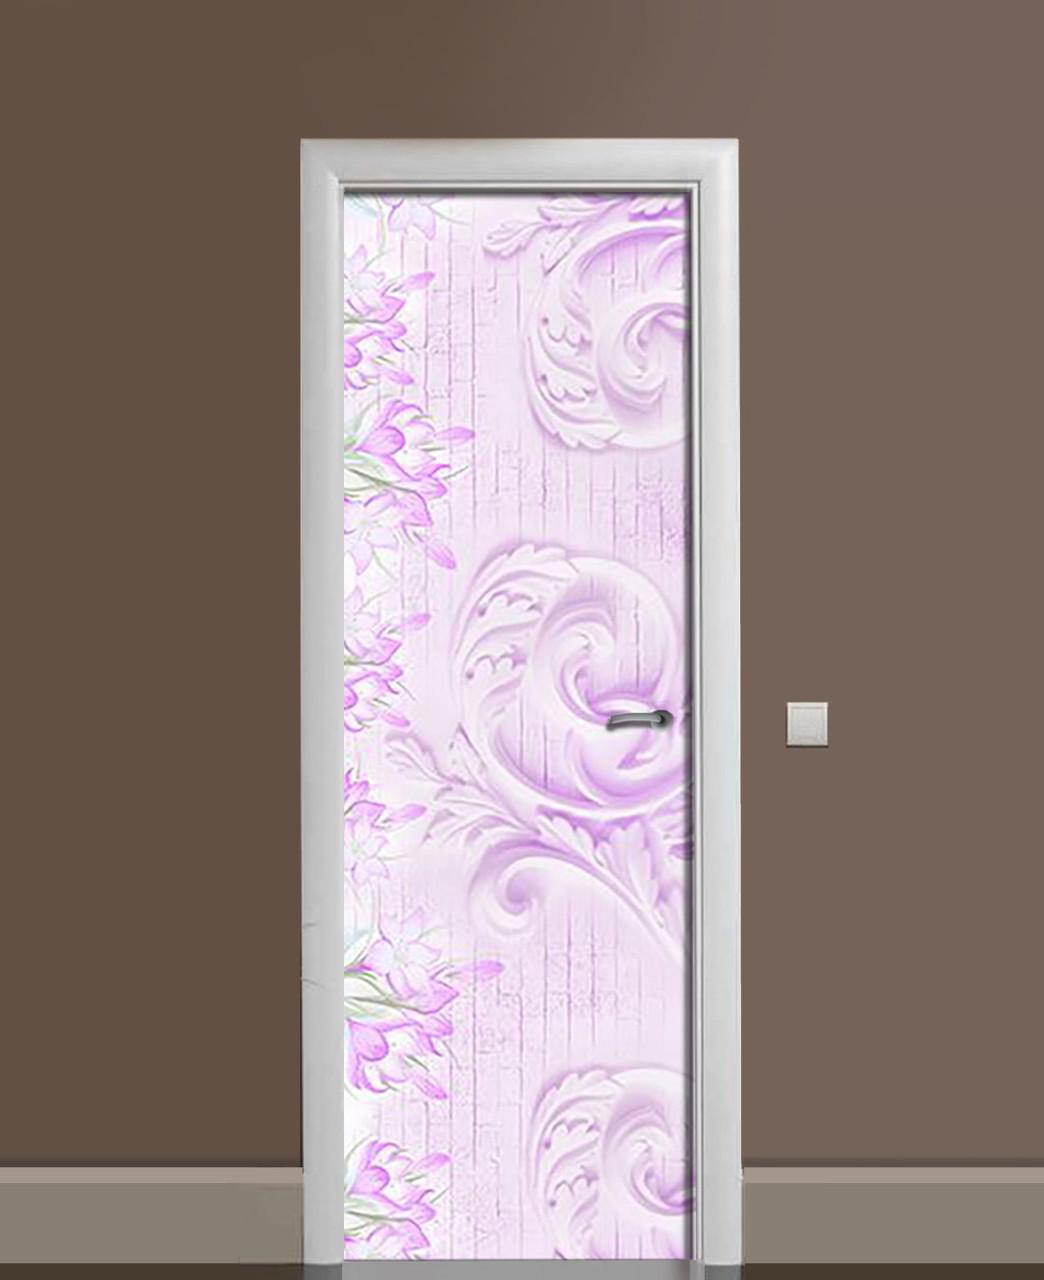 Вінілова наклейка на двері зефірної ліпнина ПВХ плівка з ламінуванням 65*200см Текстура Фіолетовий